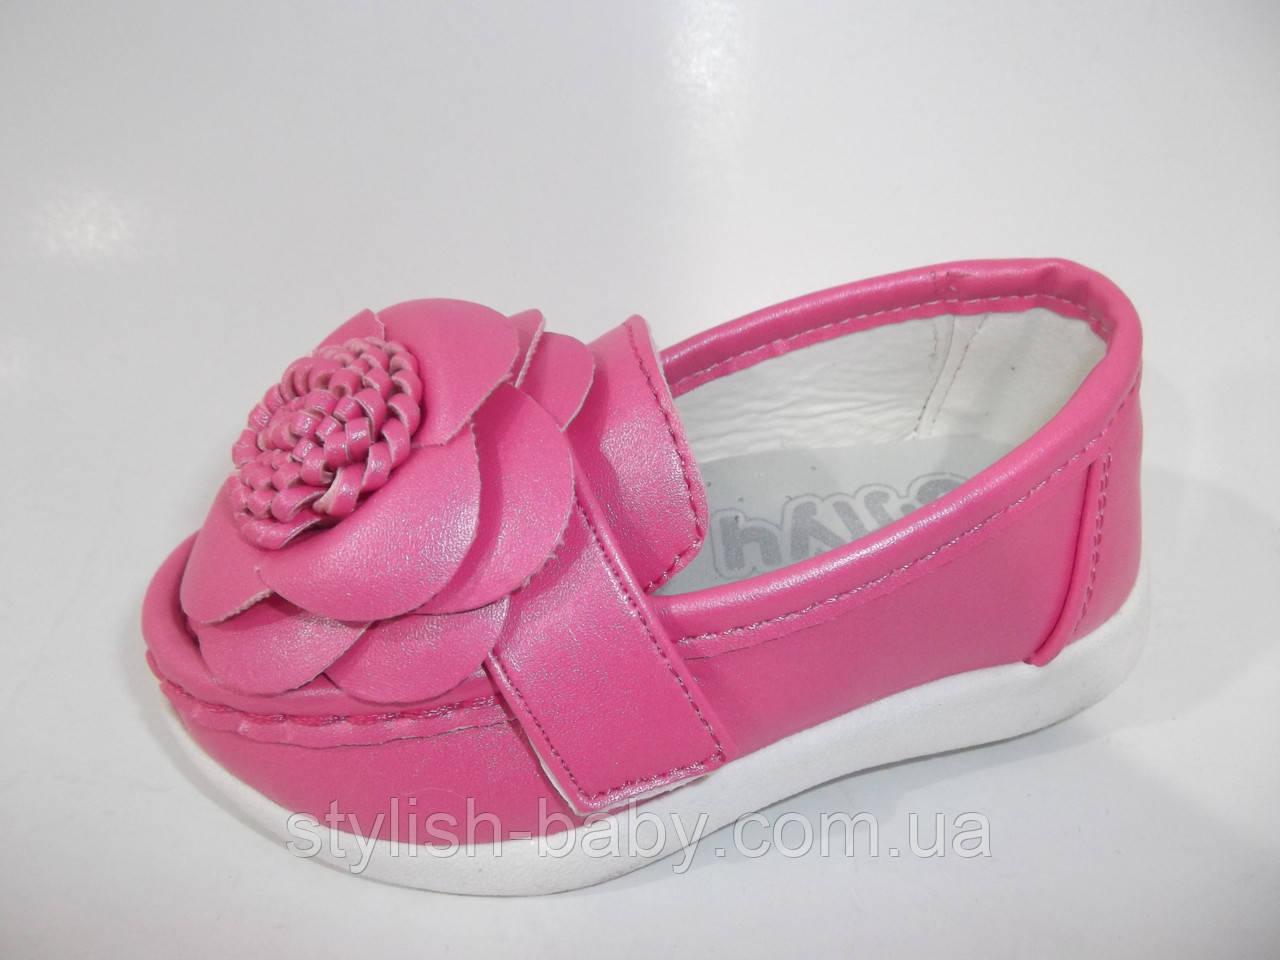 Детские туфли ТМ. Светлый Луч для девочек (разм. с 21 по 26)